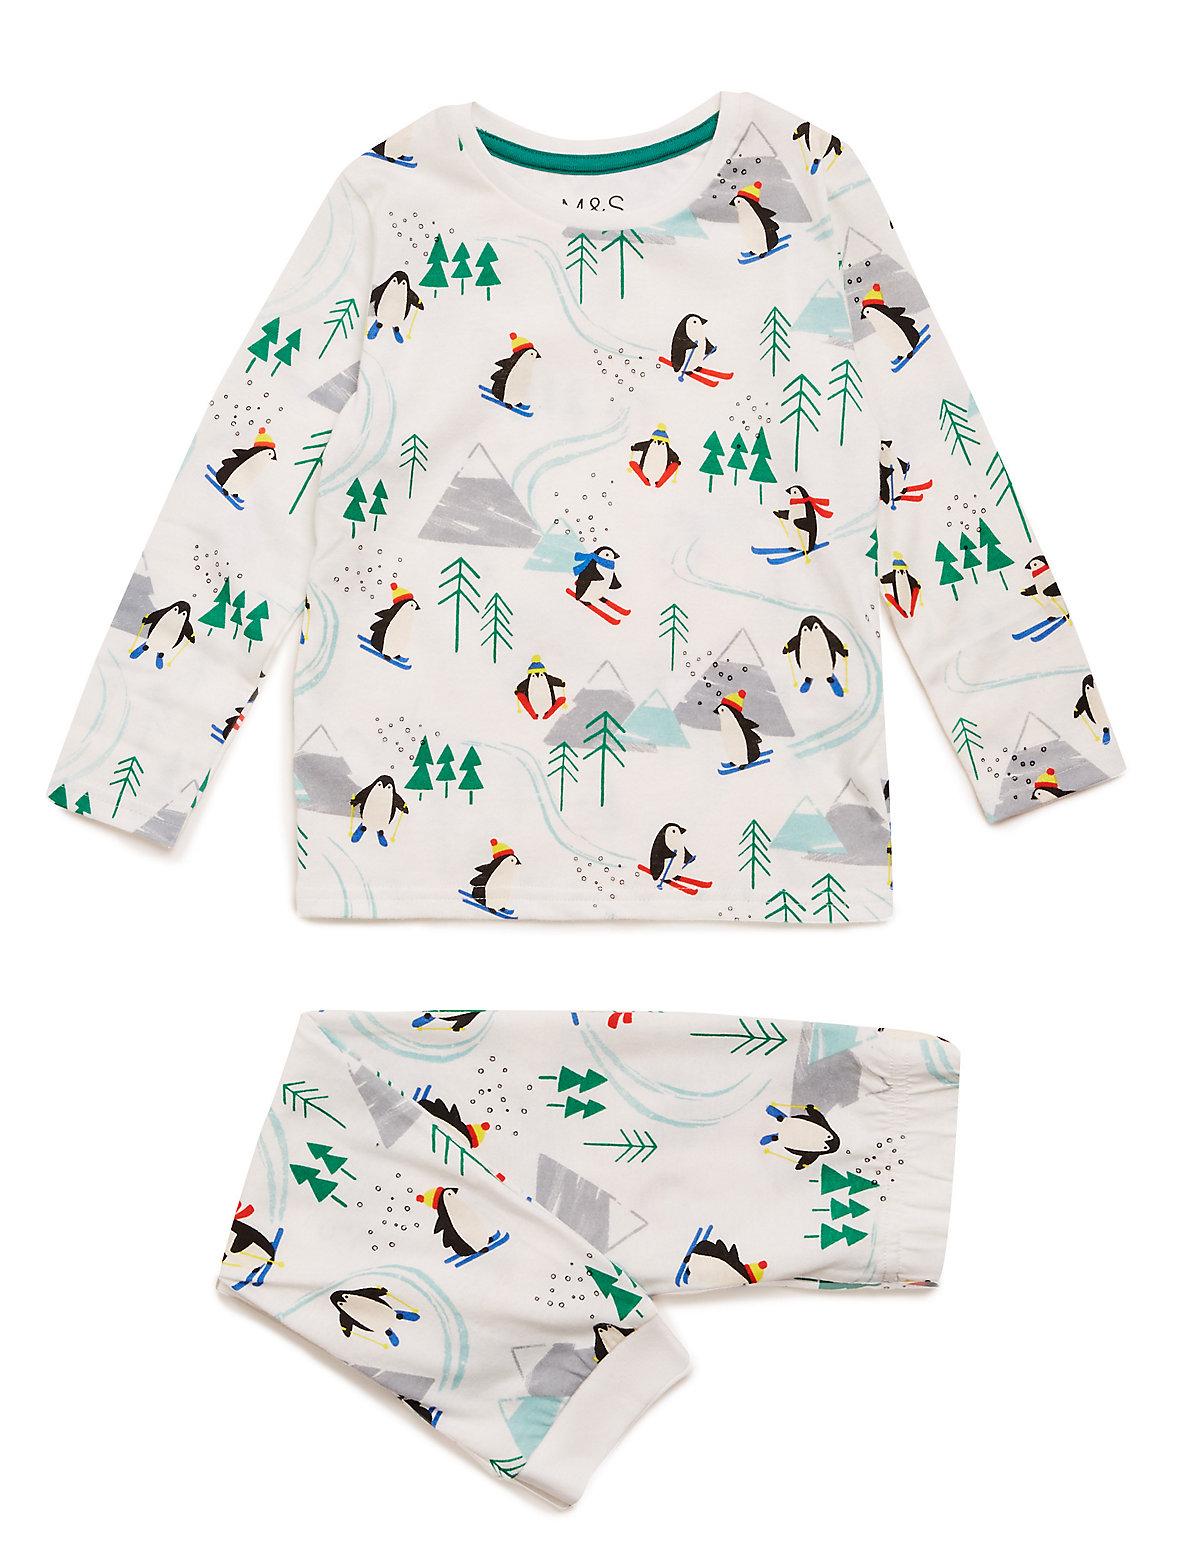 Хлопковая пижама с принтом Пингвины лыжники